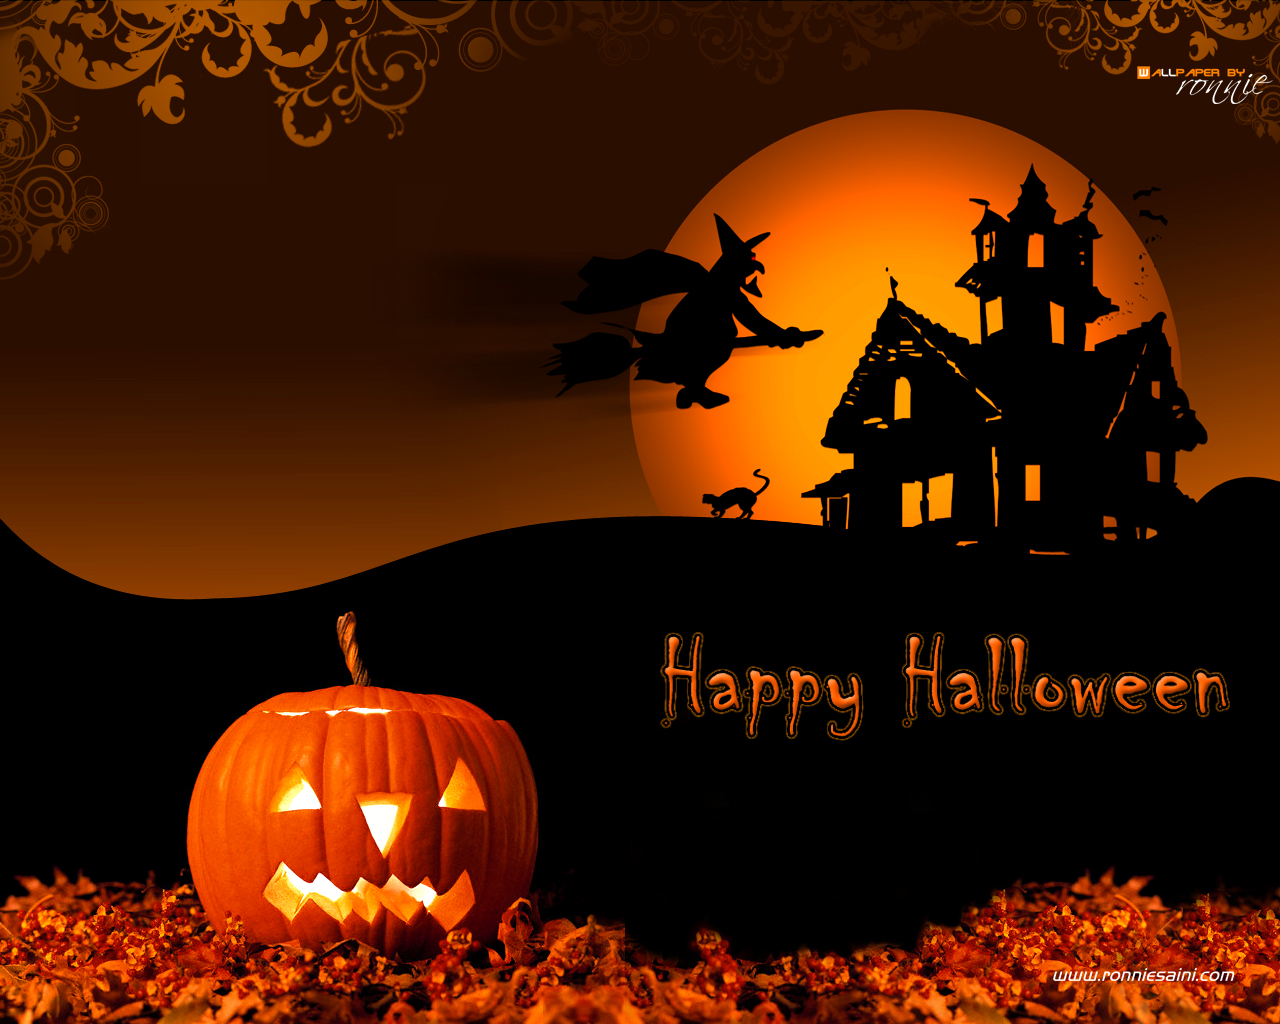 http://1.bp.blogspot.com/-ab1jhQyuvT0/UI4uixrEDlI/AAAAAAAAHgw/22Gg-7bLbmM/s1600/Halloween+2012+scary.jpg